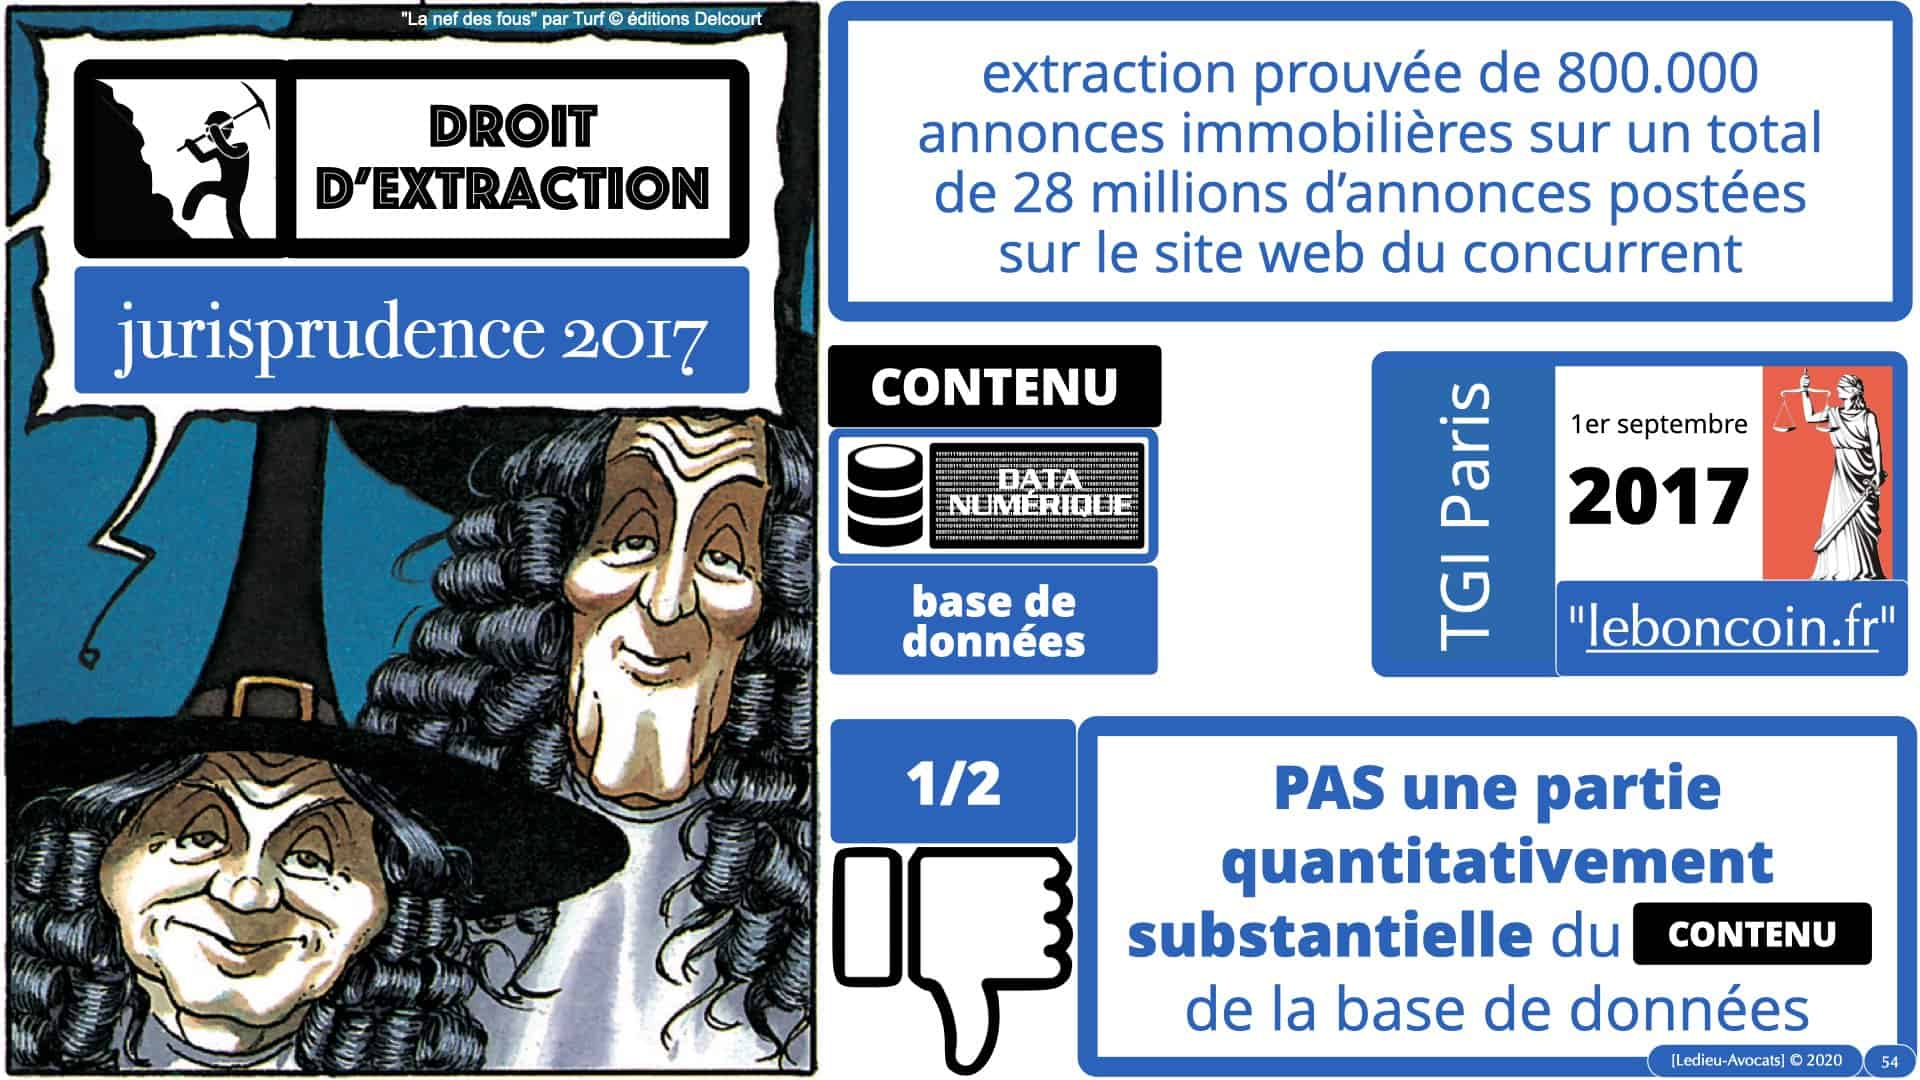 314 PRO BTP © Ledieu-avocat 03-12-2020.054